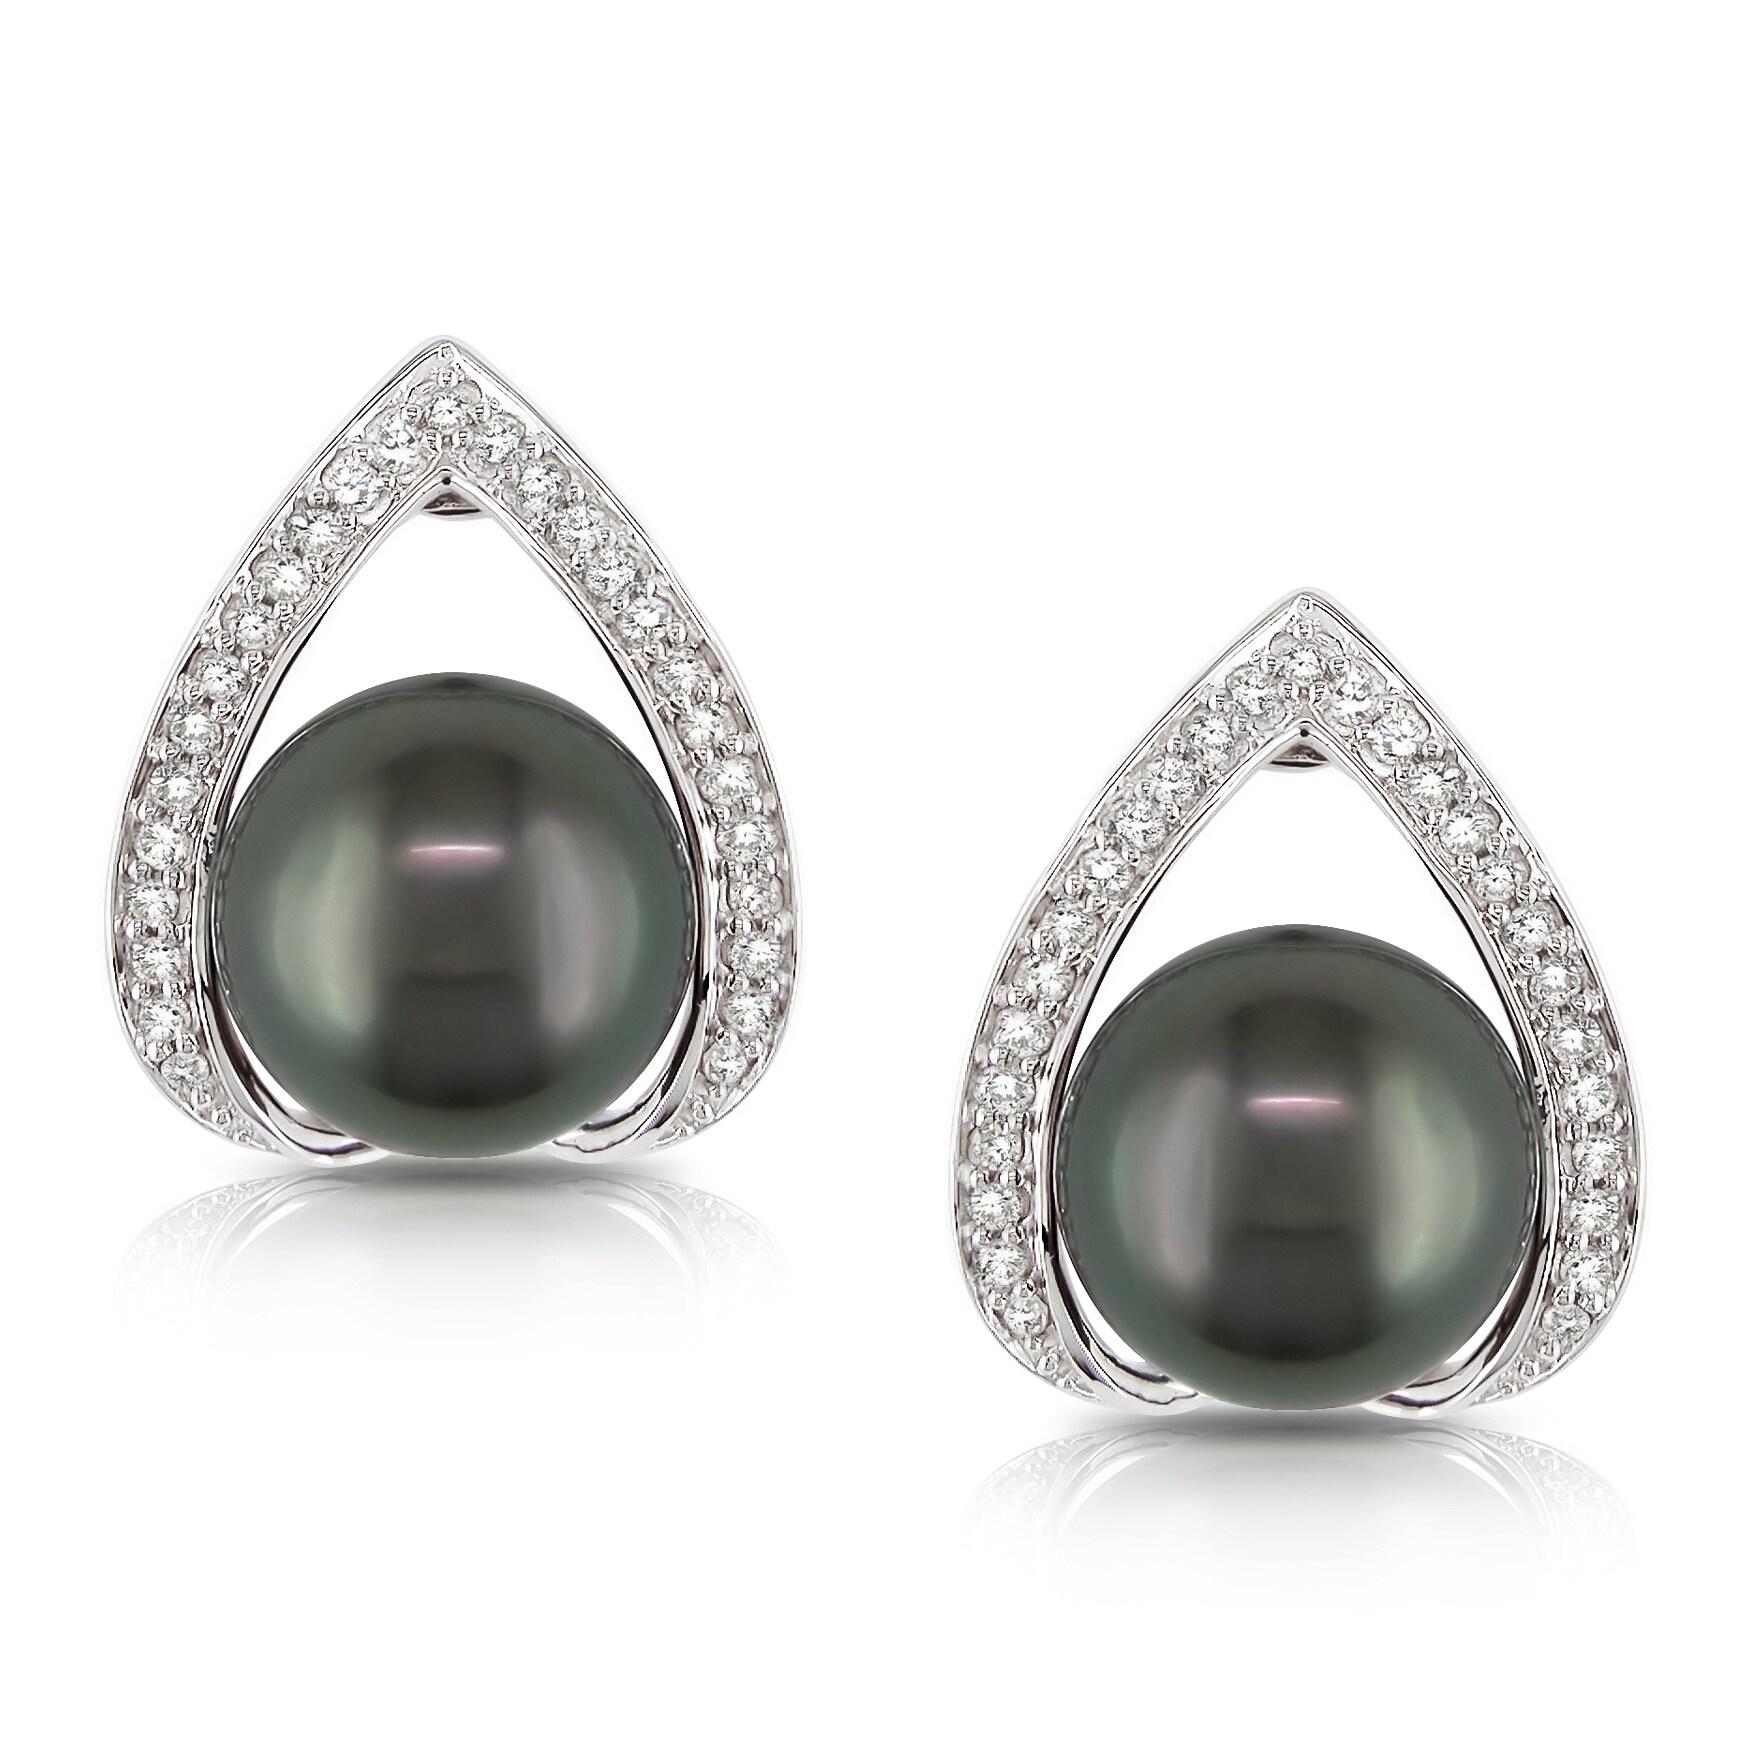 Miadora 14k White Gold Tahitain Pearl and 1/4ct TDW Diamond Earrings (H-I, I2-I3)